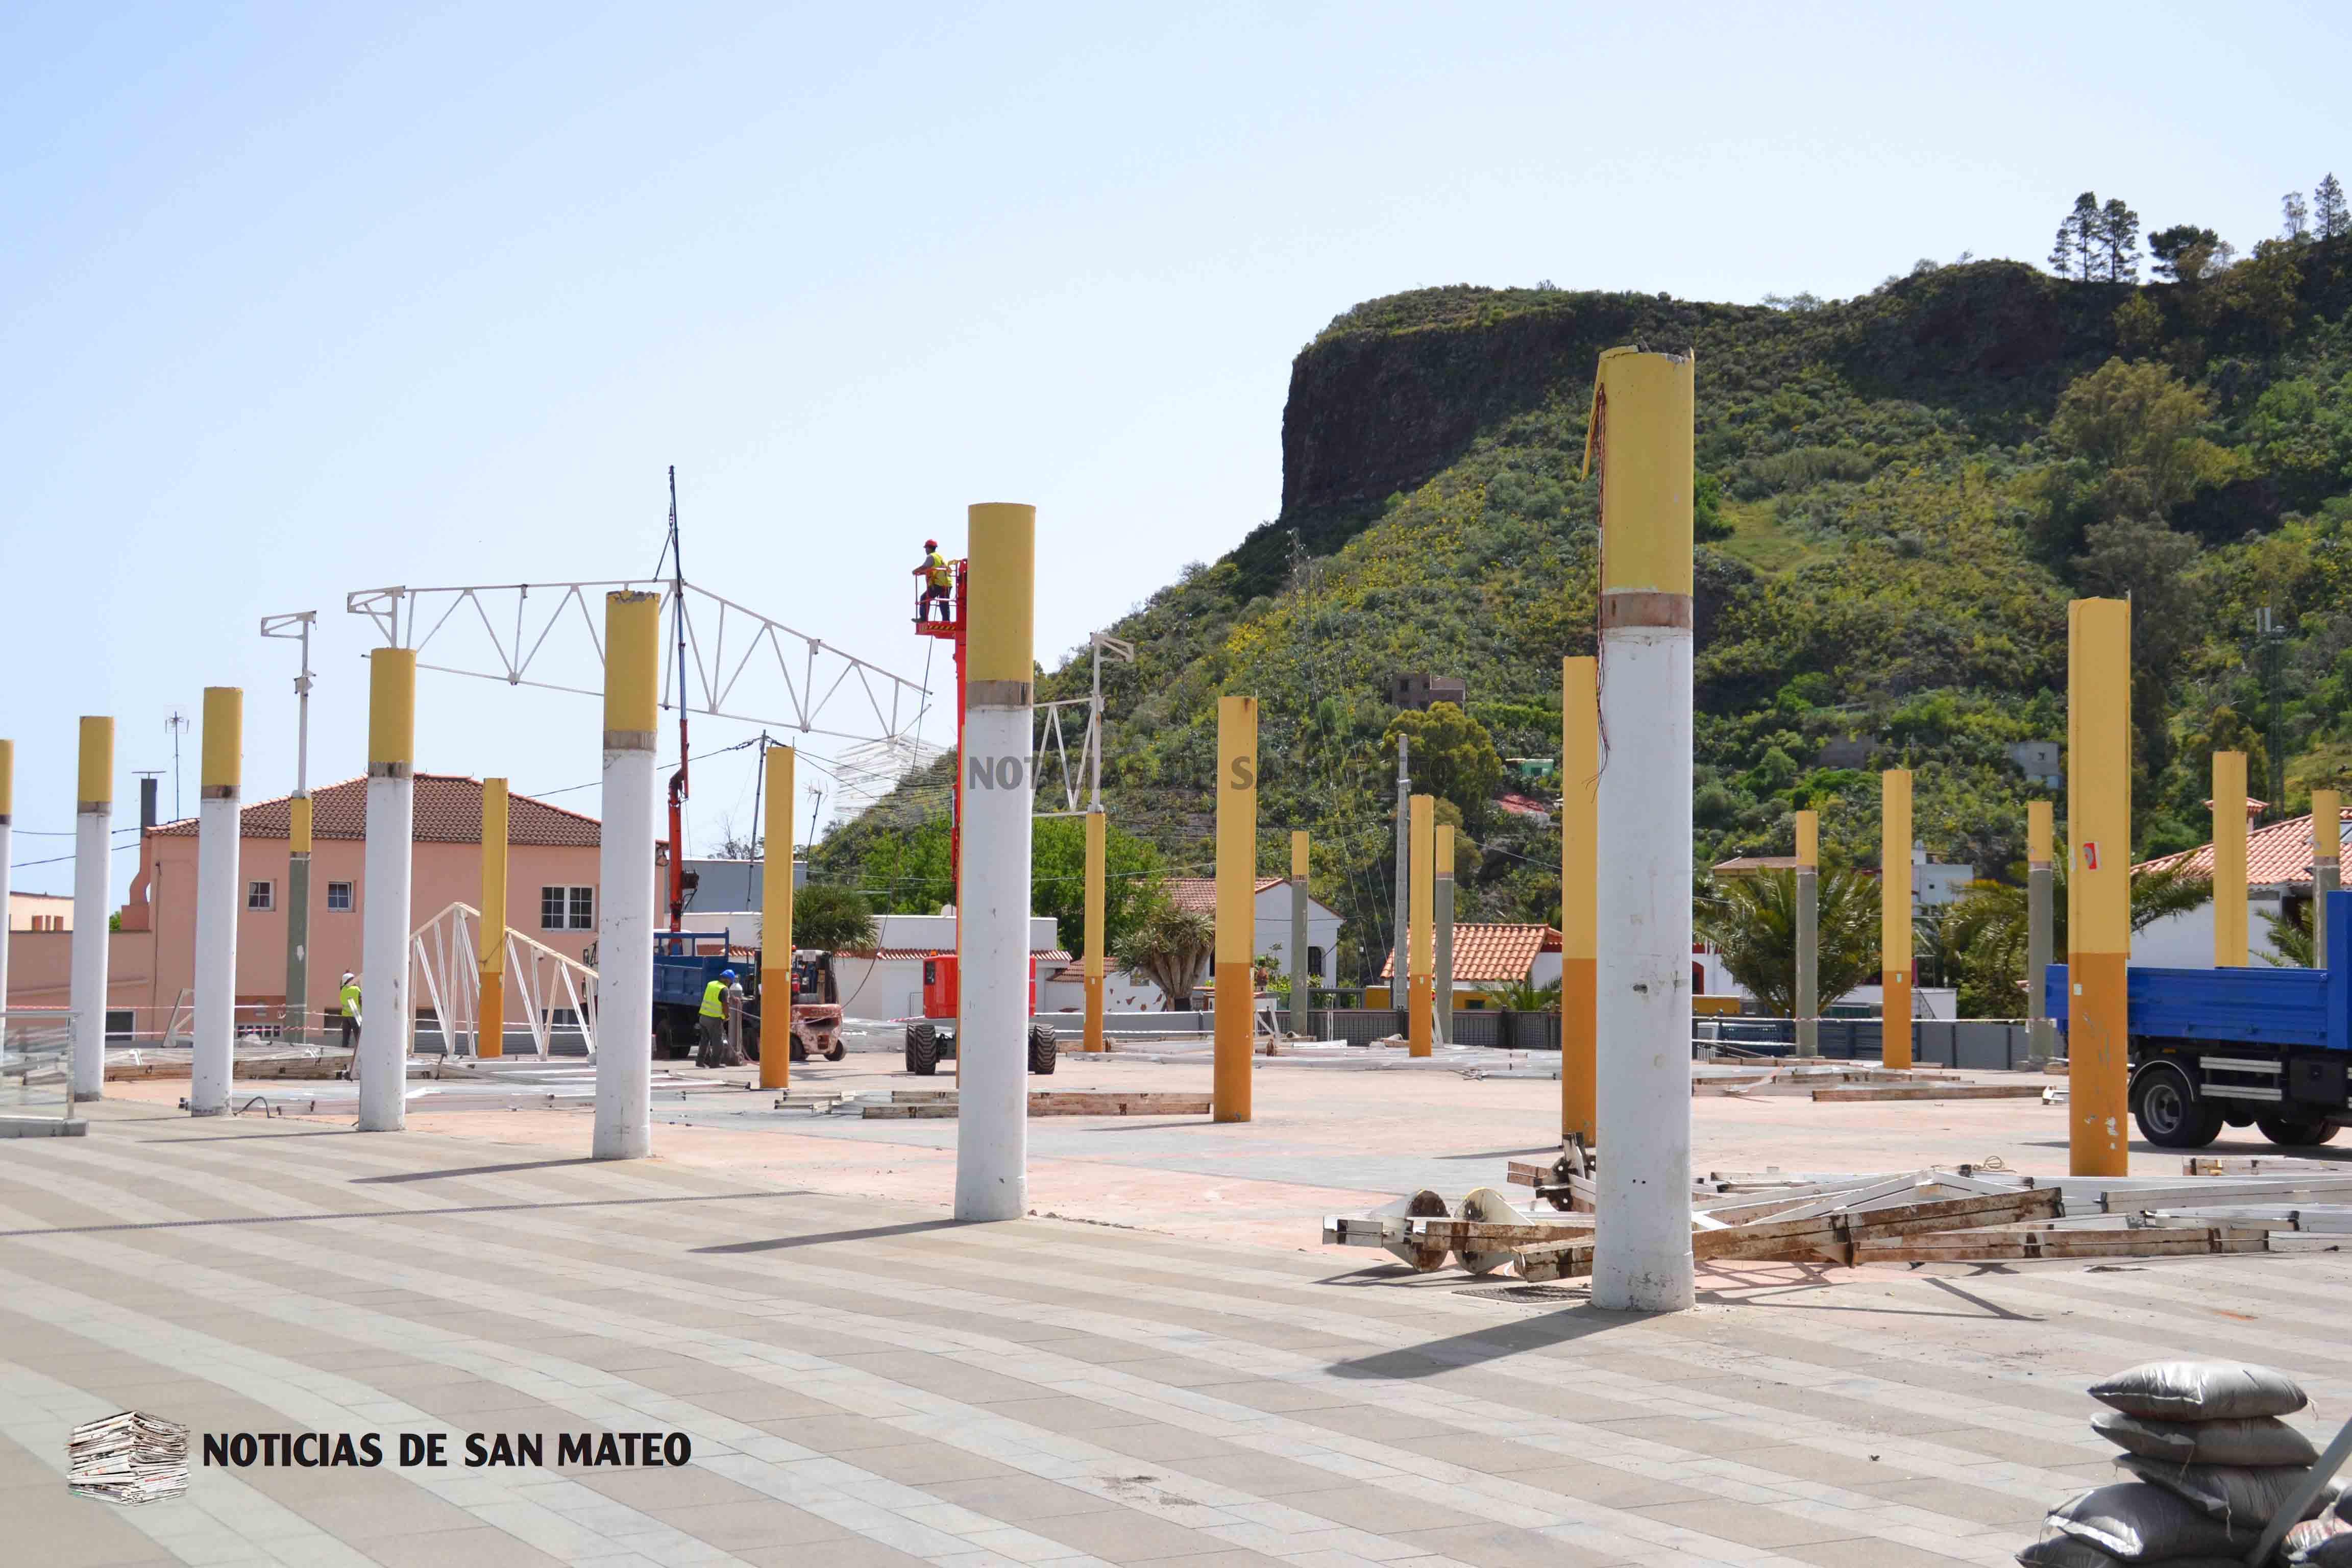 Desmonte cubierta Nave A Mercado 19 de abril de 2018 Foto Laura Miranda Noticias de San Mateo